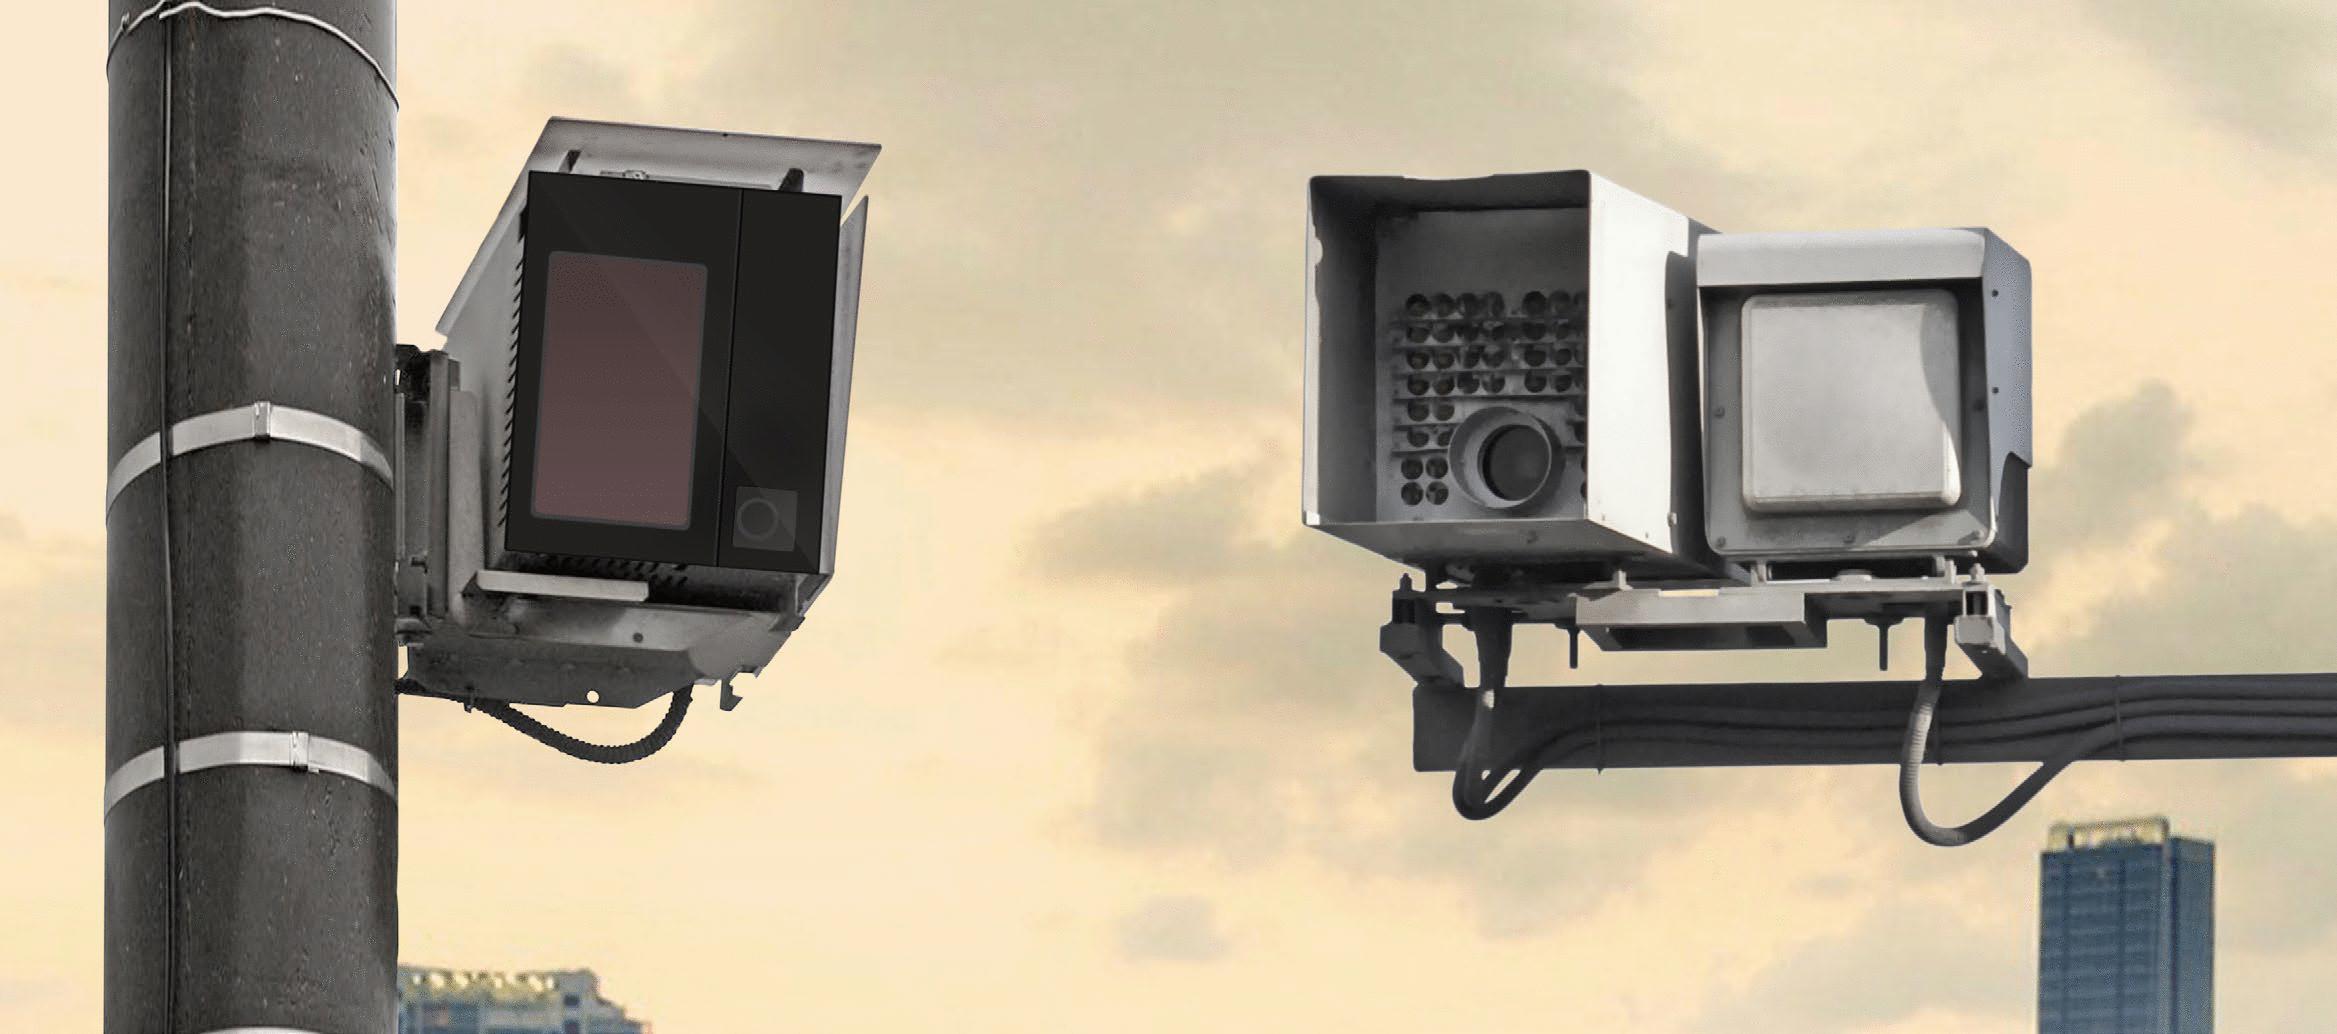 Радар-детектор Neoline X-COP 4100 в Алматы - цены, купить ...